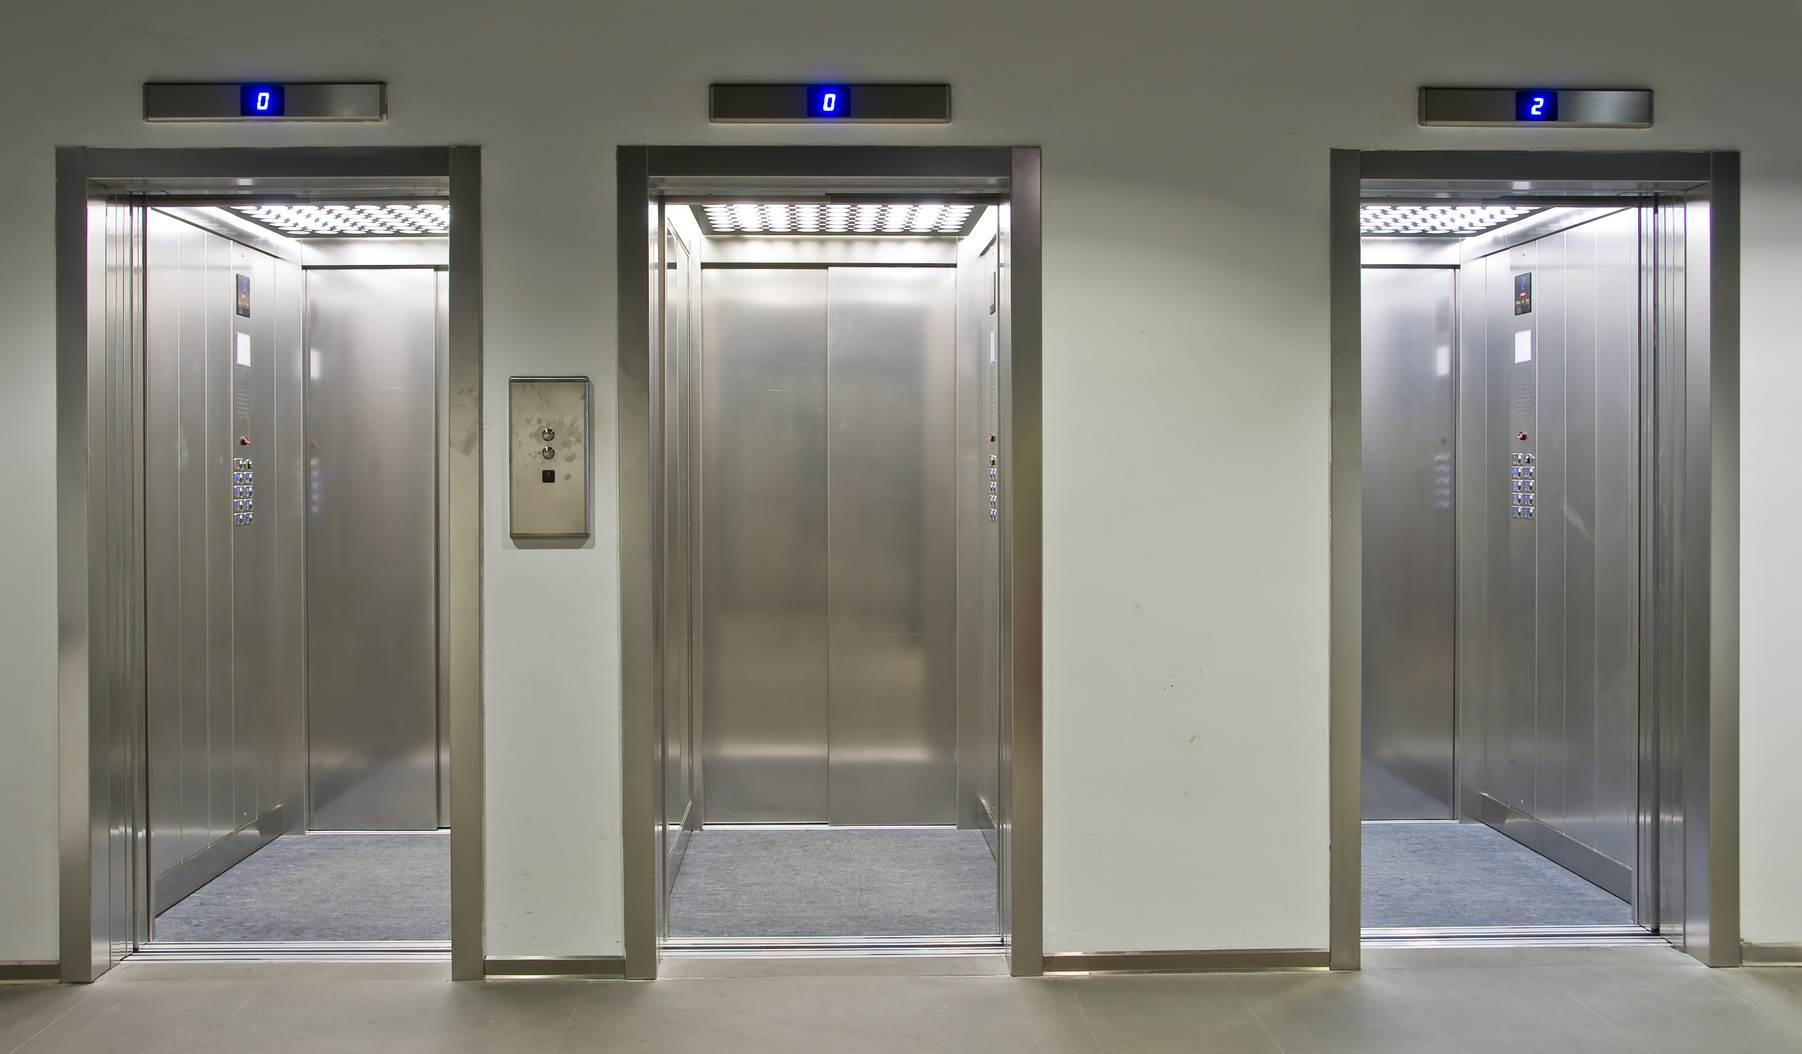 استفاده از آینه در آسانسور